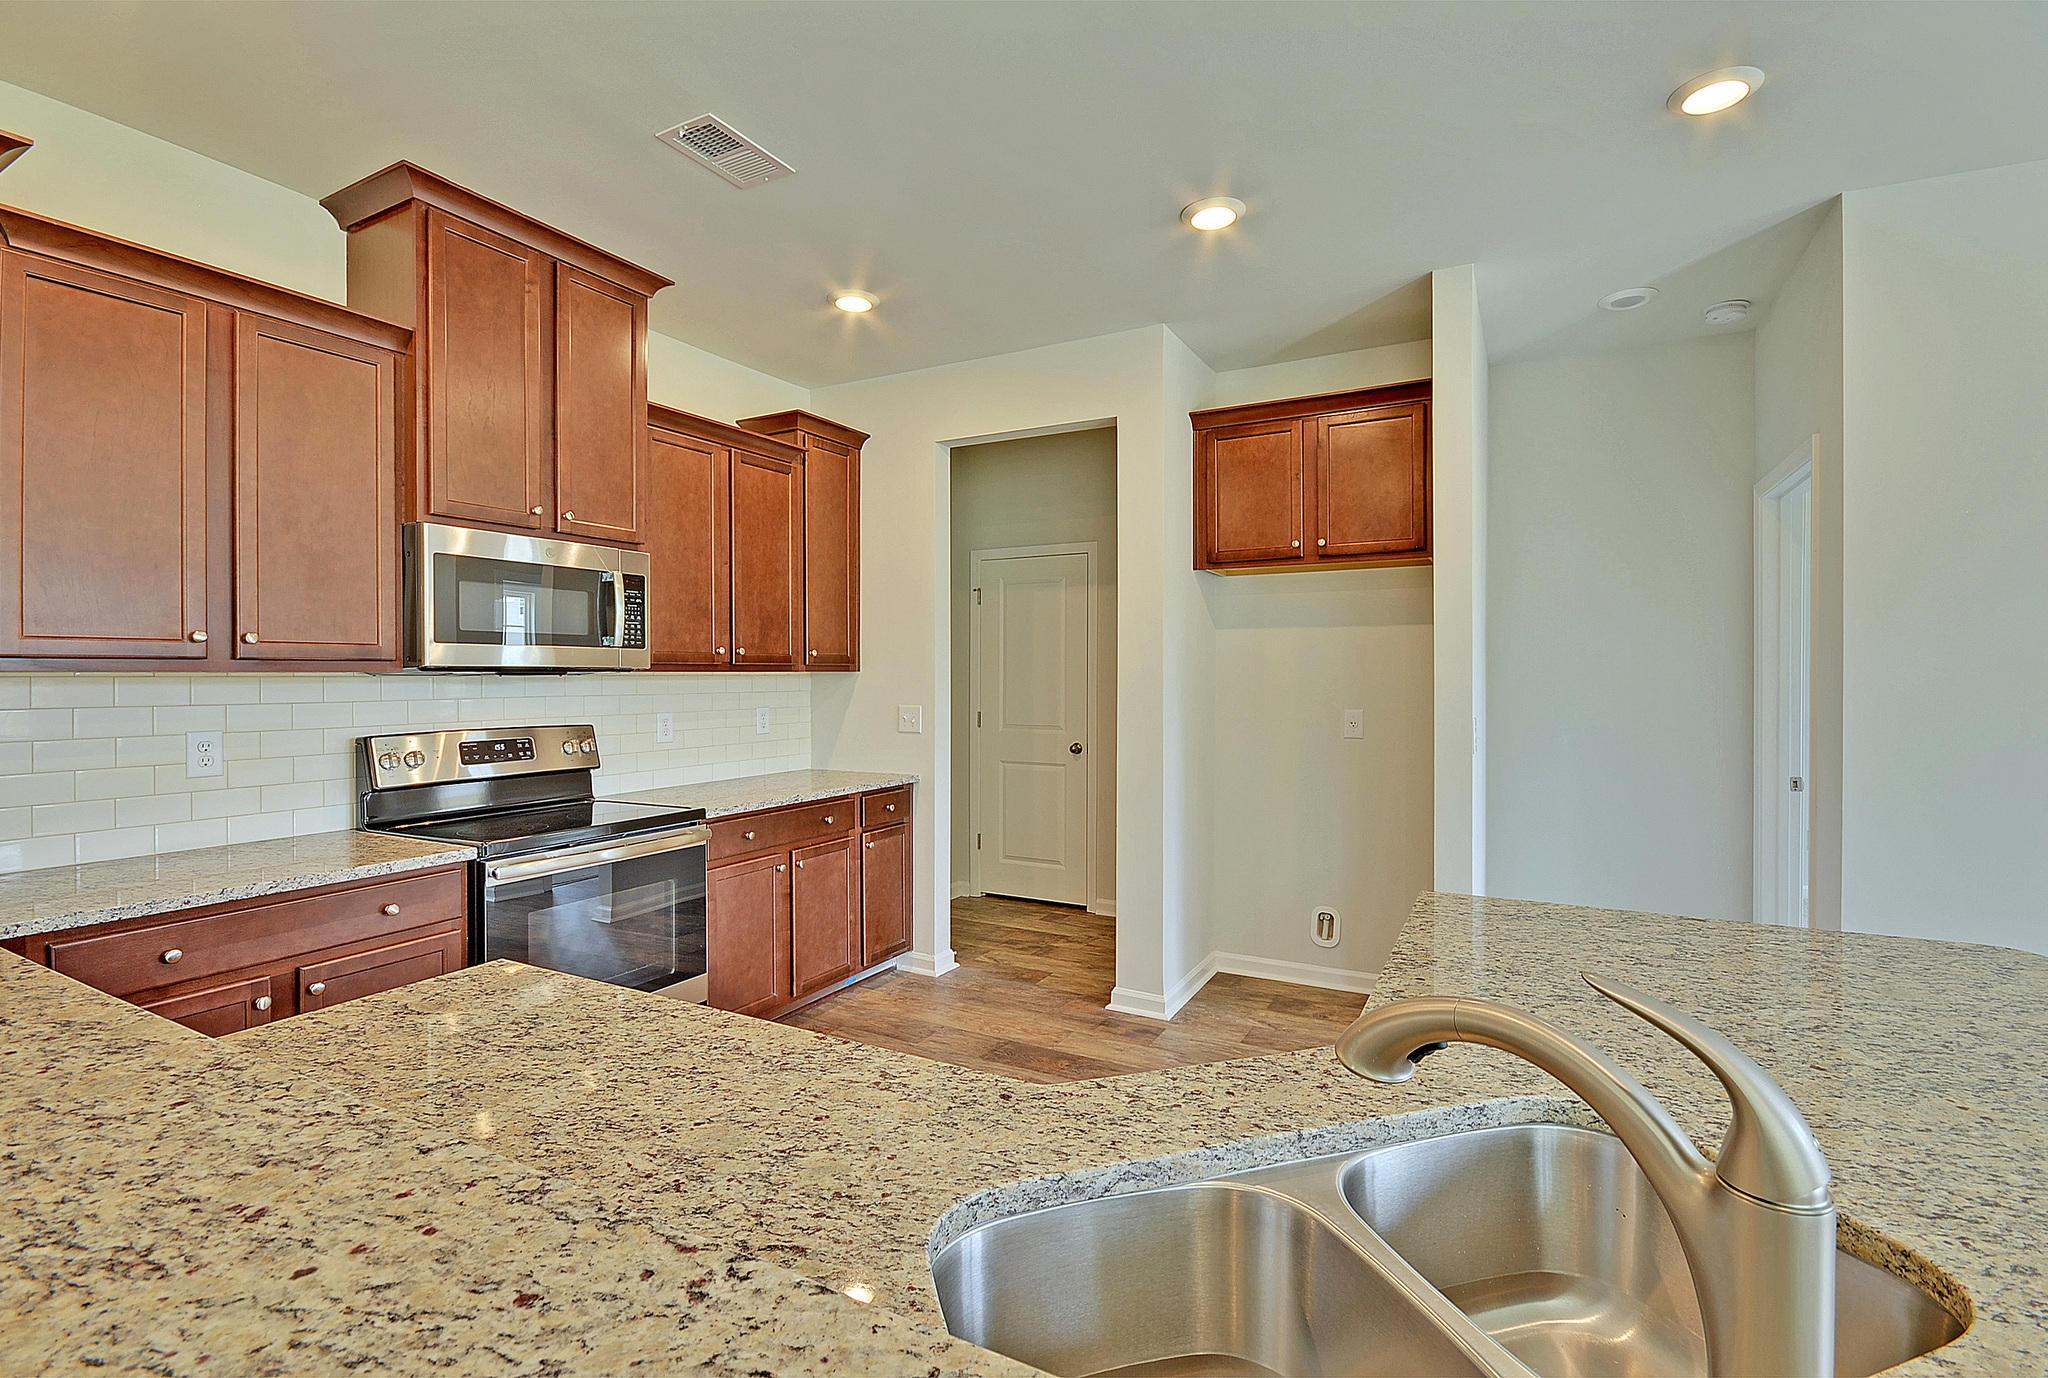 Park West Homes For Sale - 3049 Caspian, Mount Pleasant, SC - 18